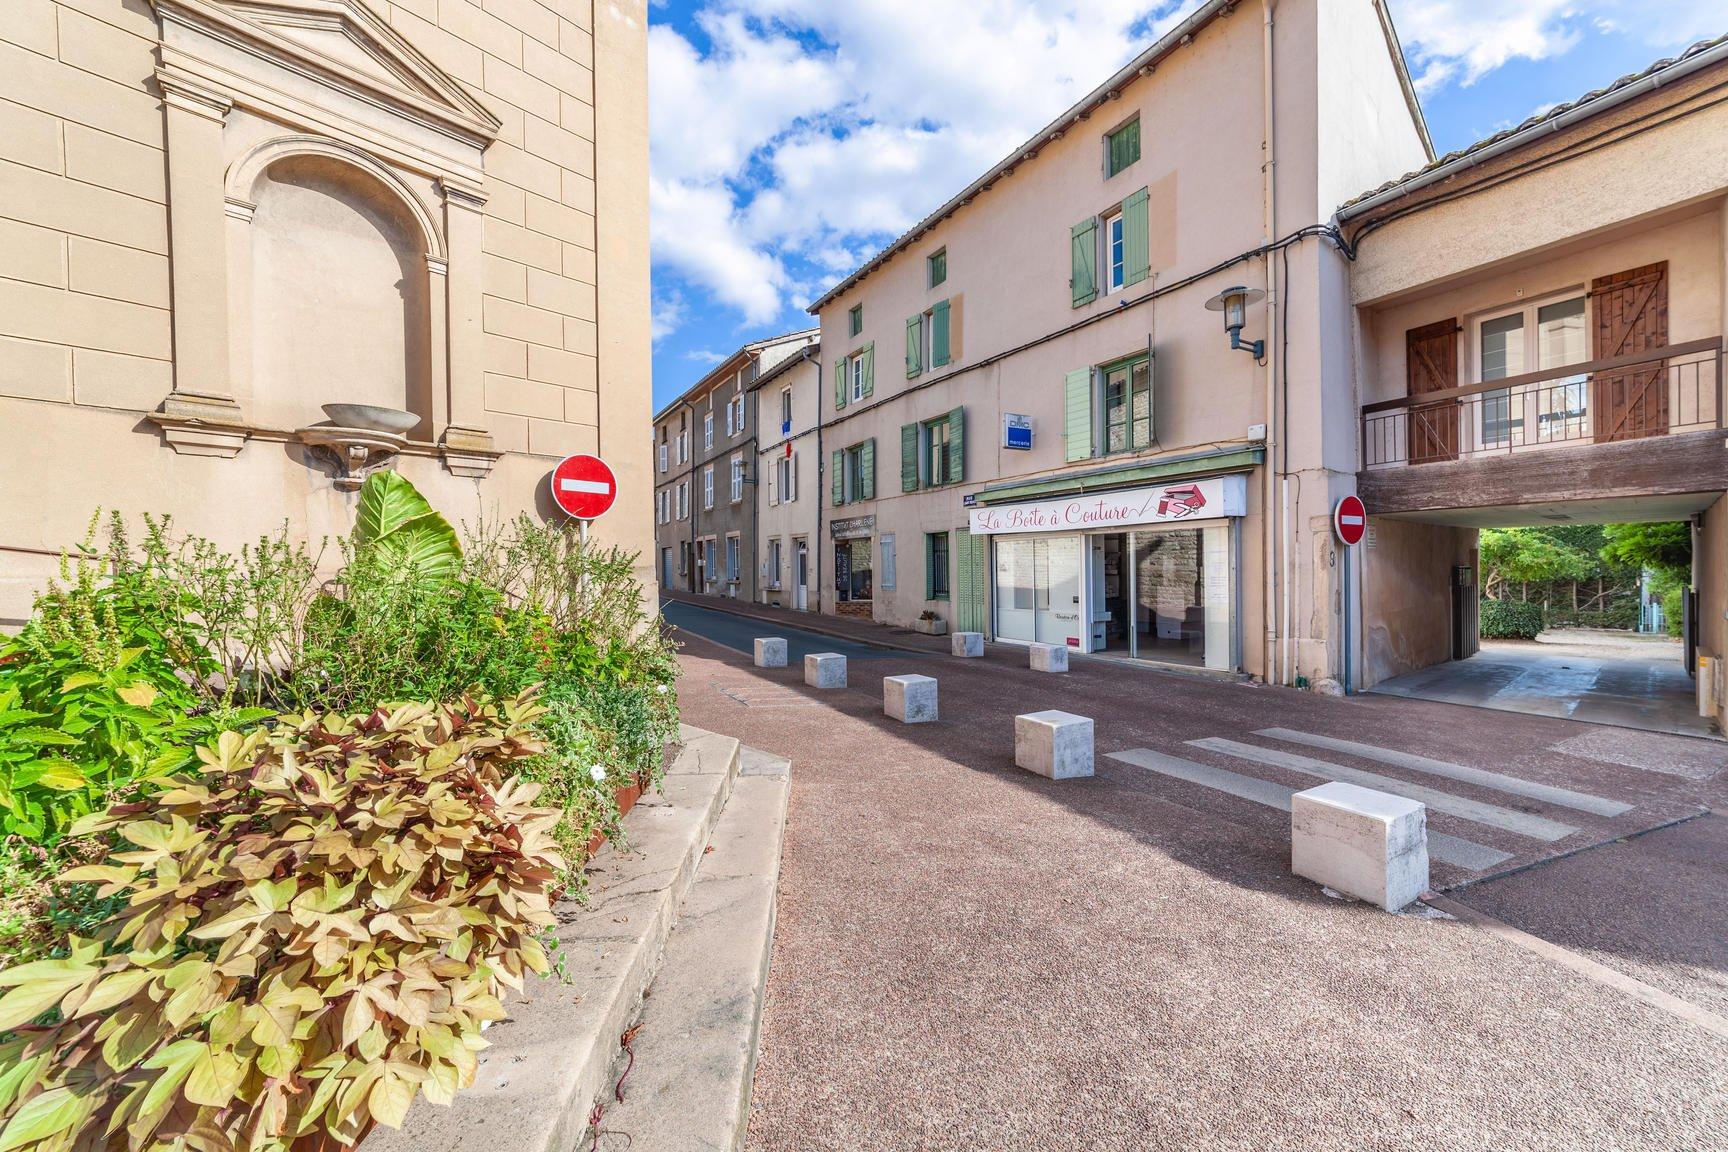 Vente Commerce - Montmerle-sur-Saône